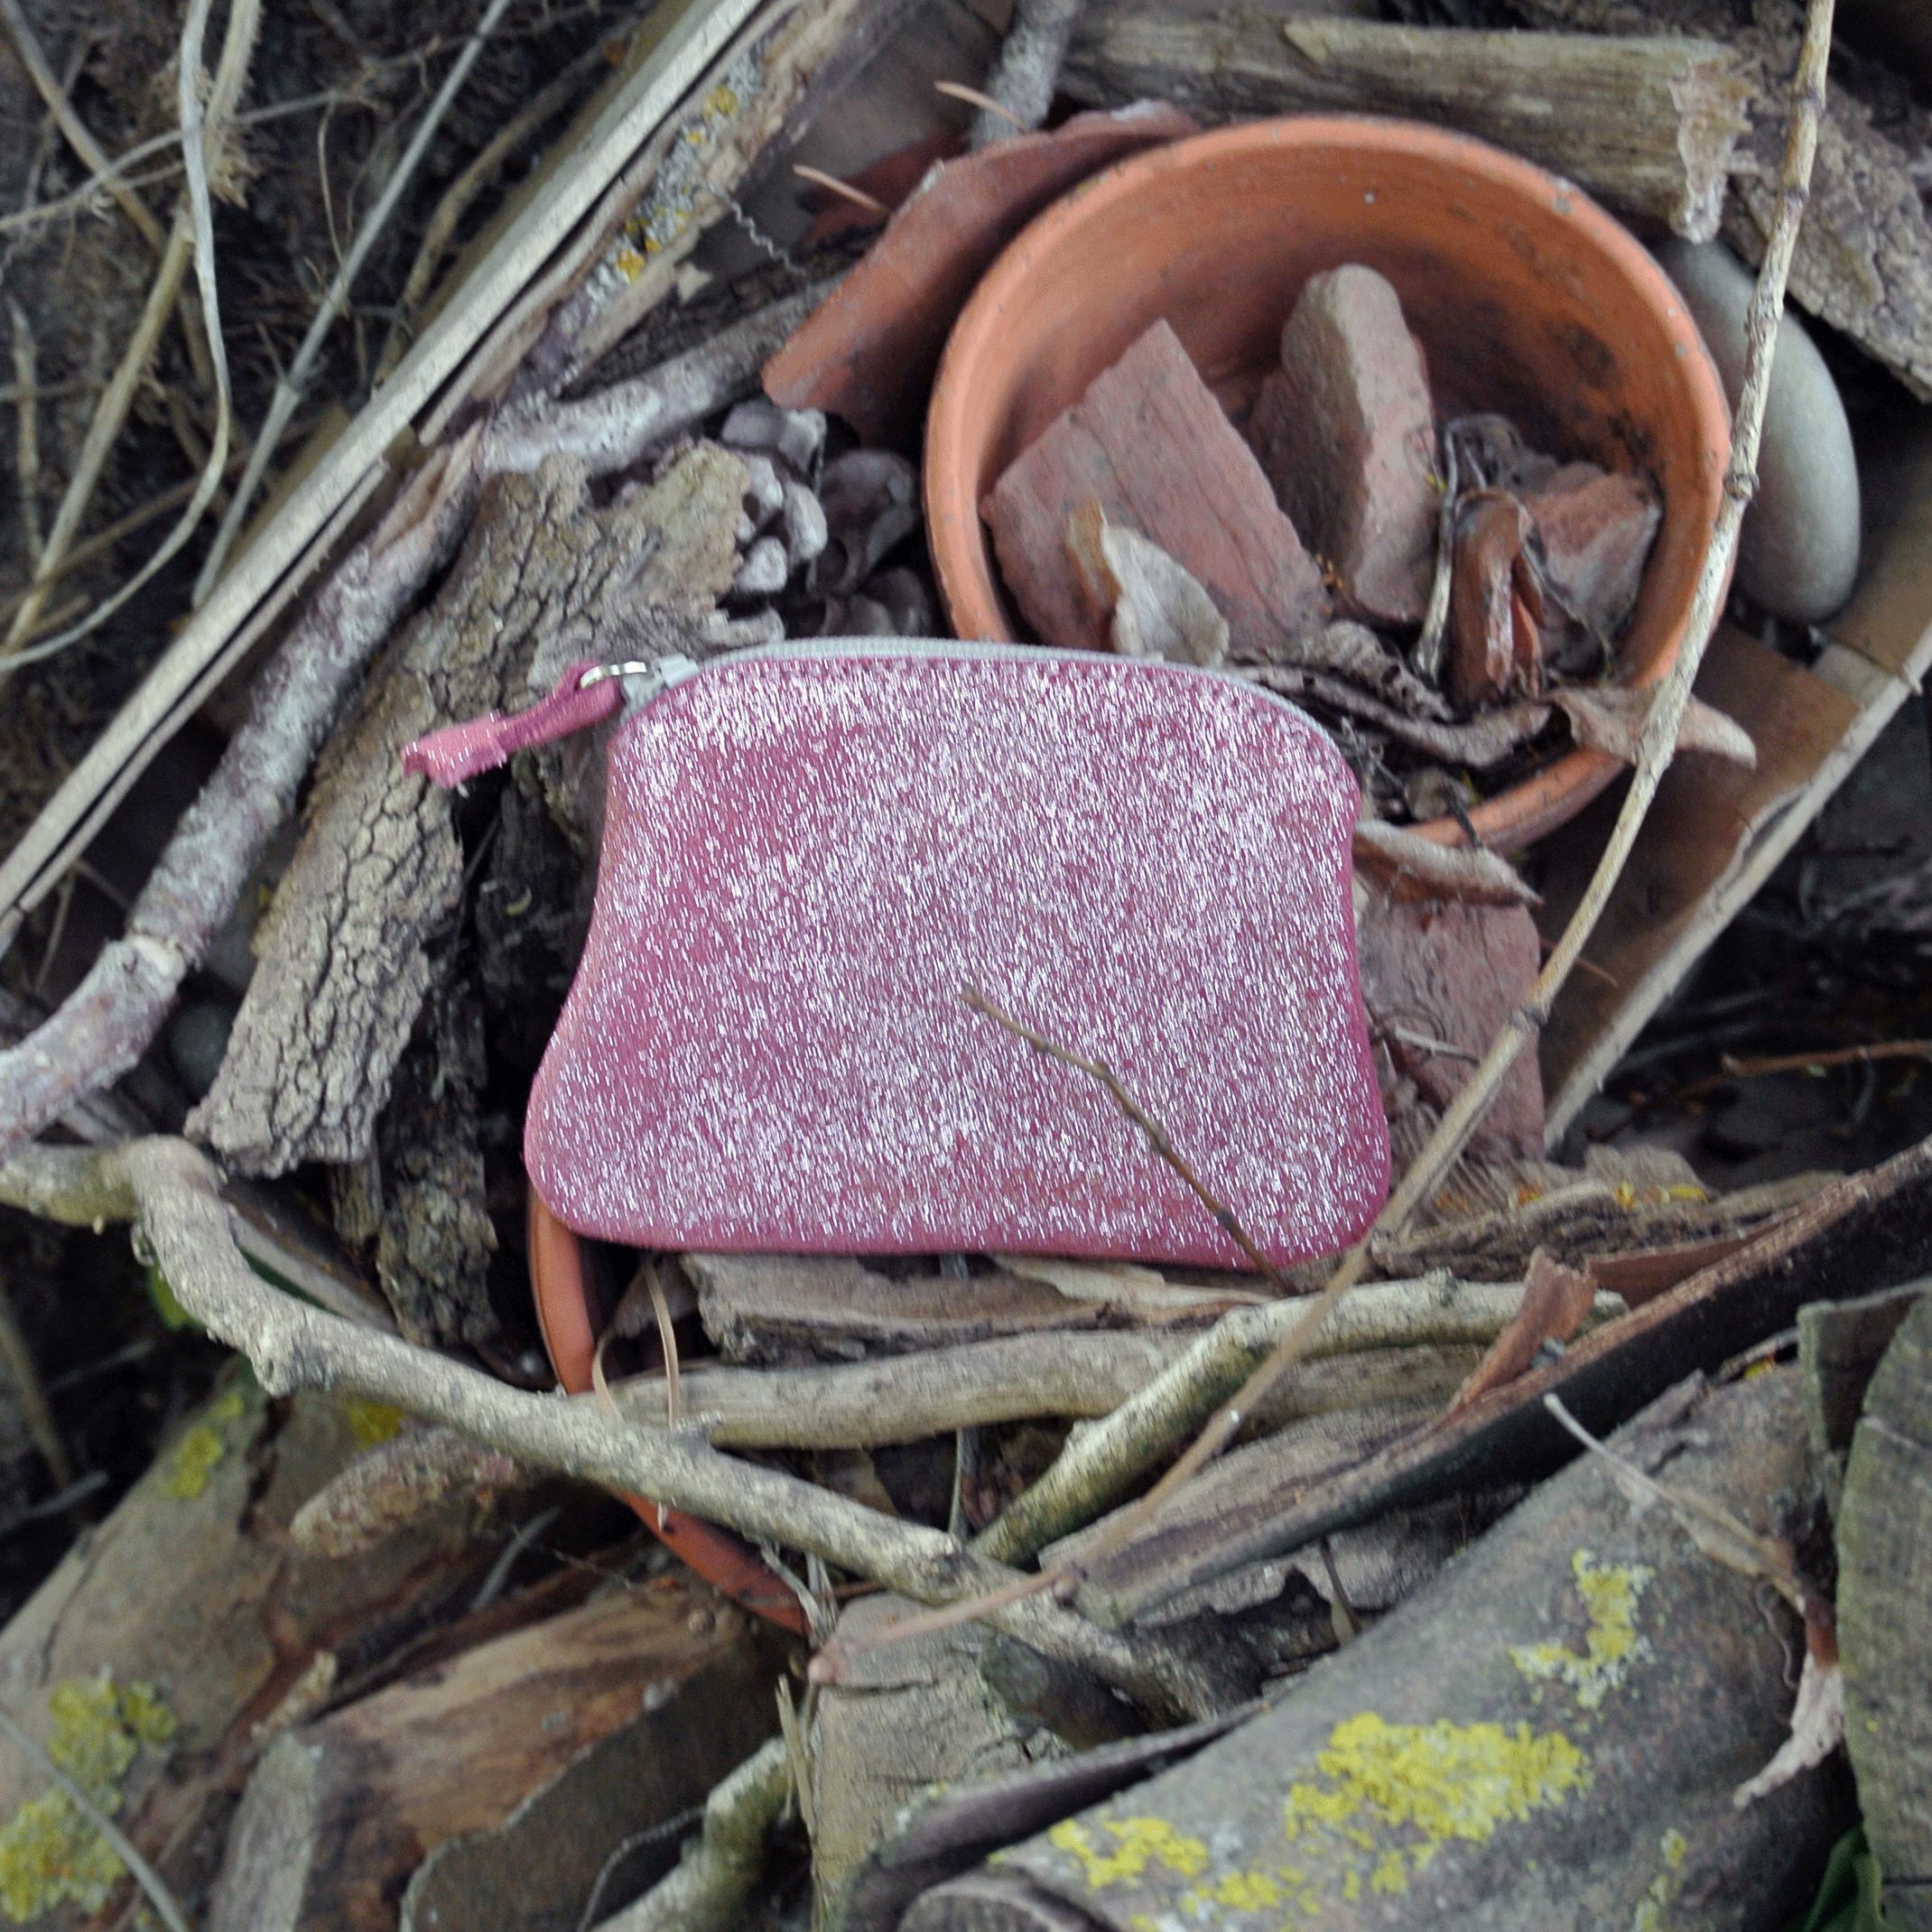 cuirs-fantaisies-la-cartabliere-fabrique-en-france-porte-monnaie-kiwi-en-cuir-paillete-plume-floralie-fabrique-en-france-made-in-france